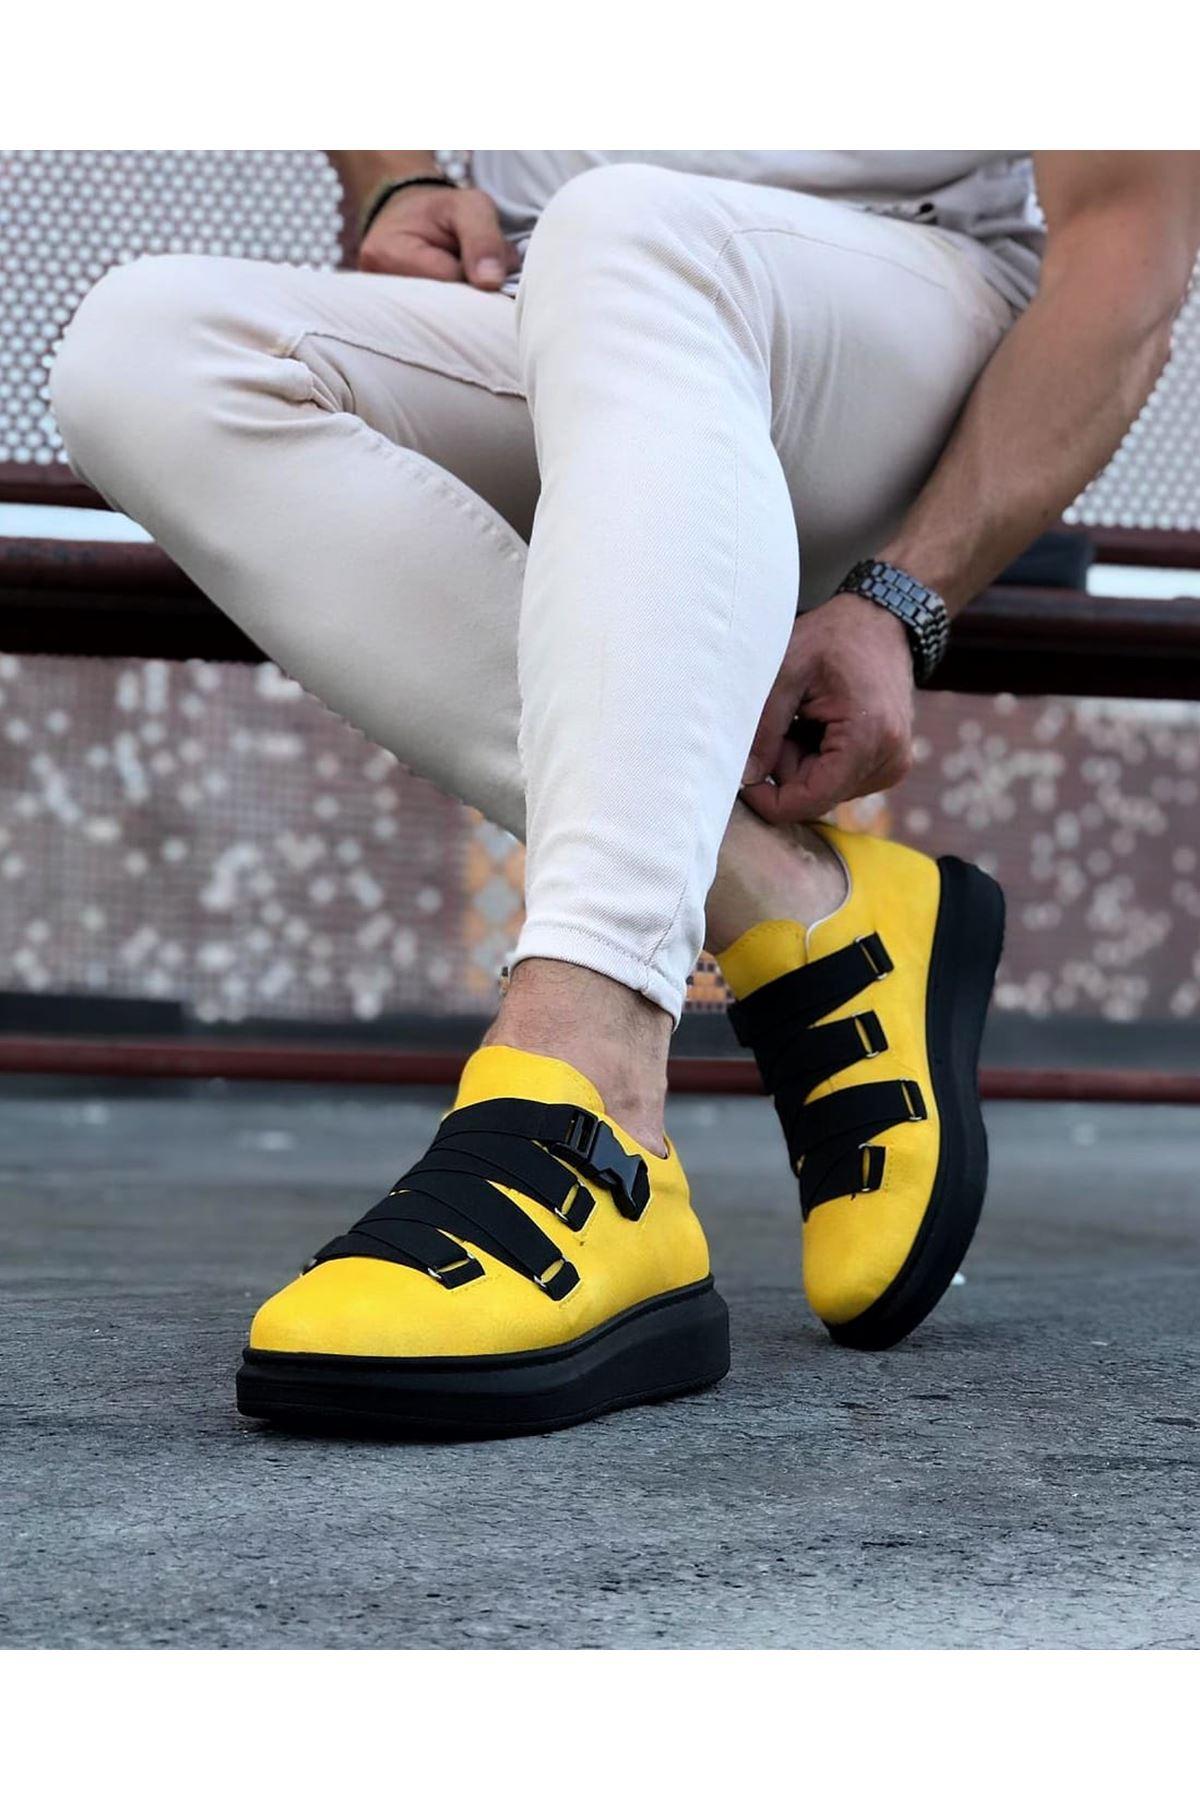 Wagoon WG033 Sarı Kömür Erkek Yüksek Taban  Ayakkabı